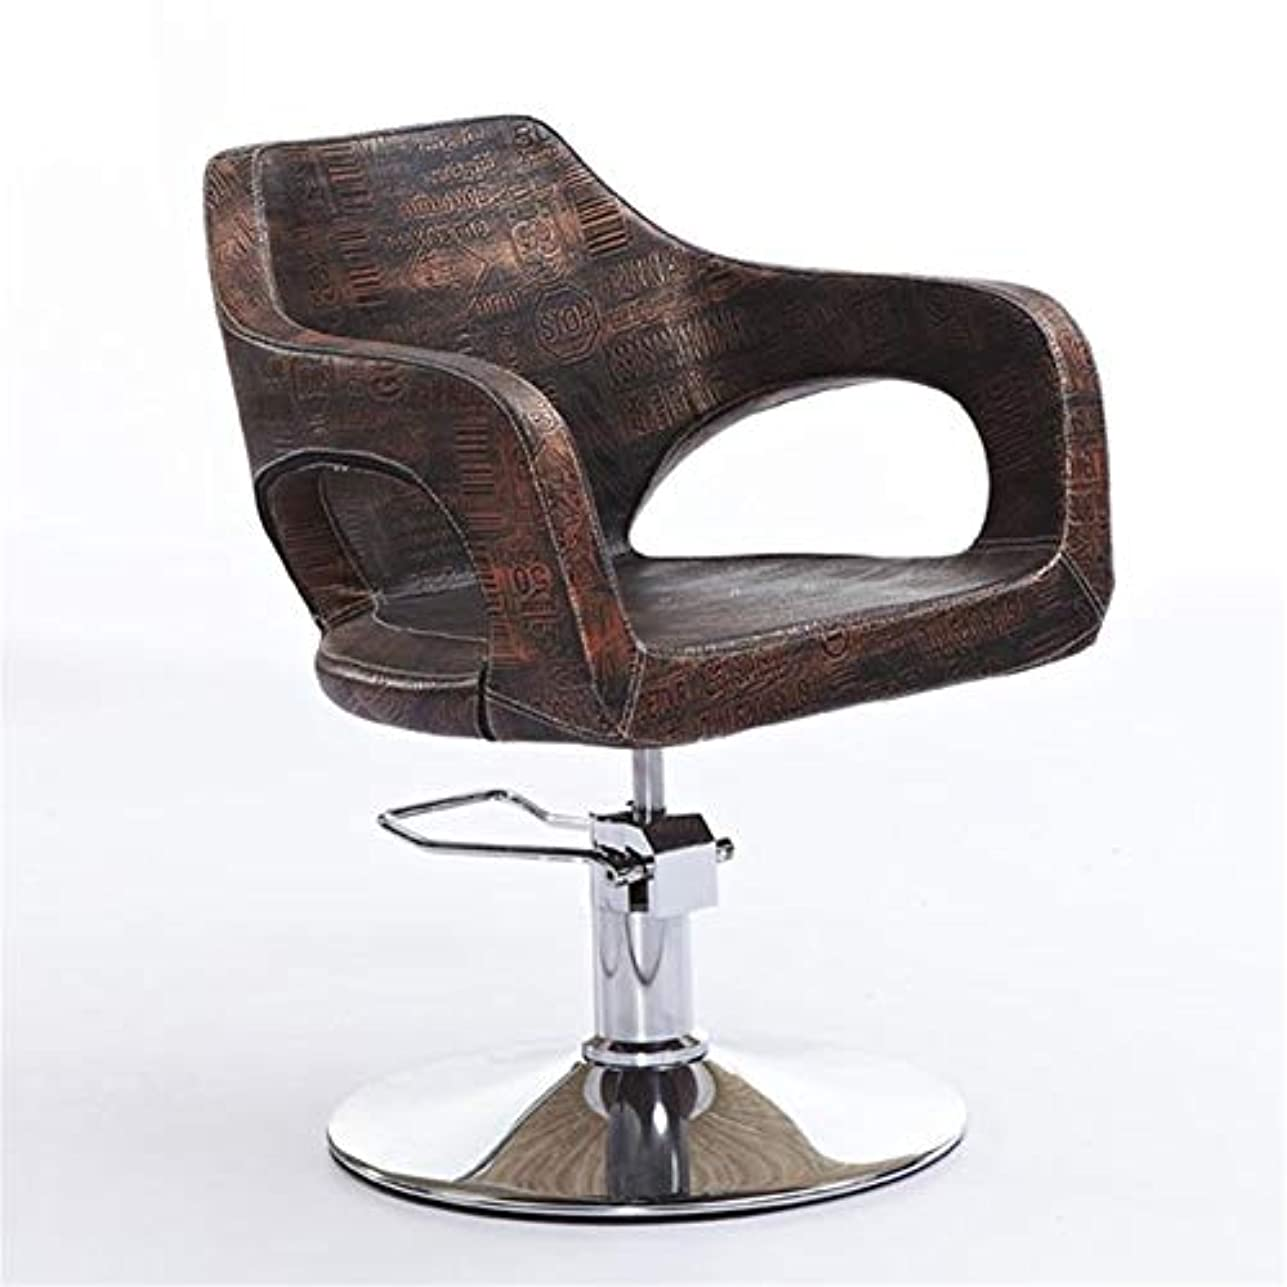 クラシカルラッチ影サロンチェアファッションヘアサロンチェア美容ヘアカットチェア油圧理髪チェア調節可能な高さ特別なヘアサロン機器,D